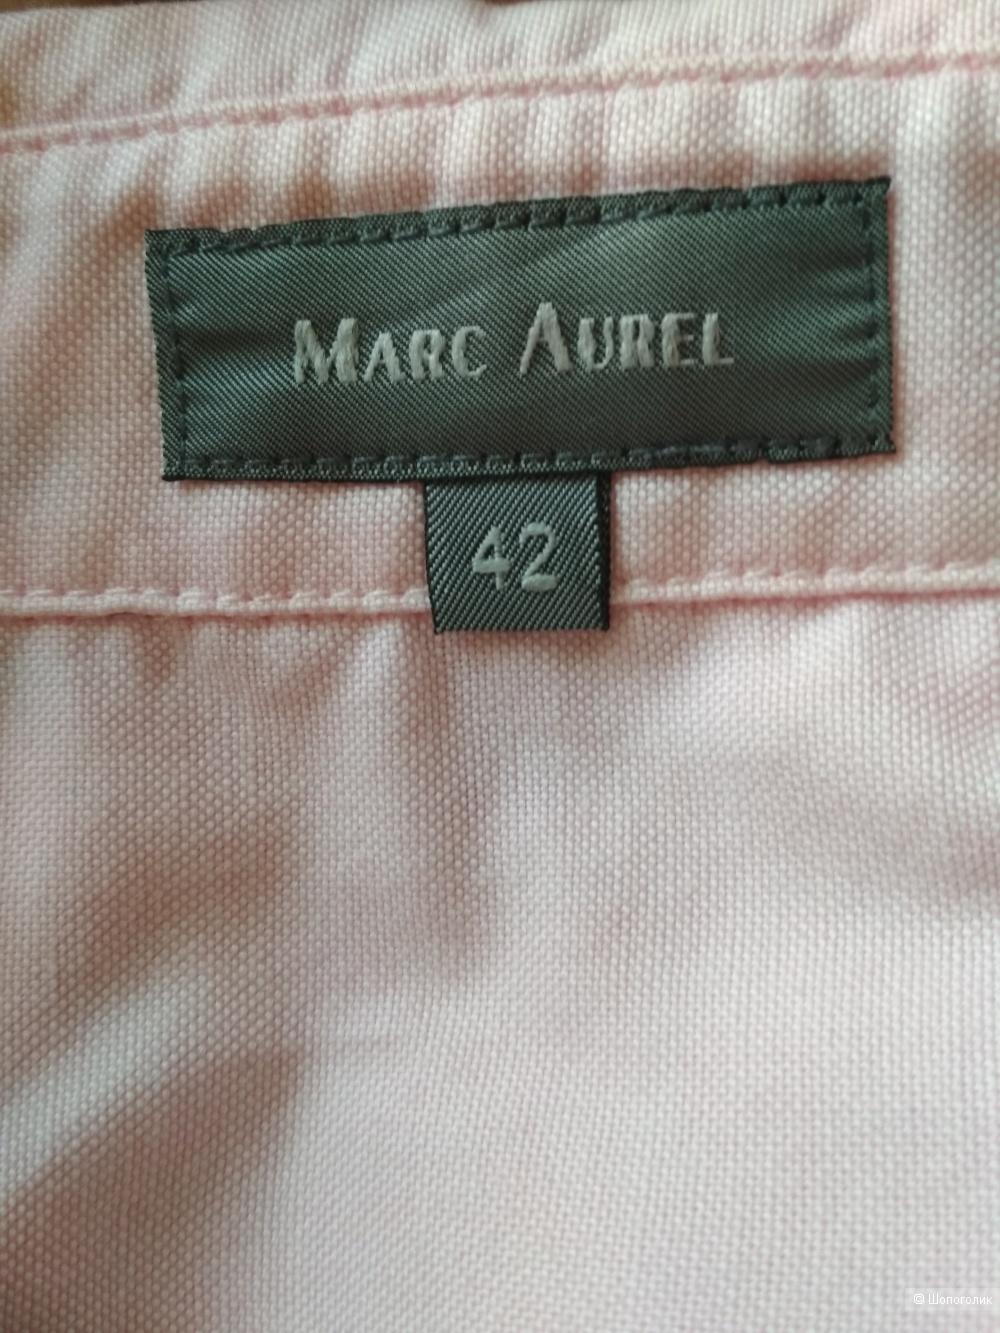 Хлопковая рубашка Marc Aurel, р. 46-48